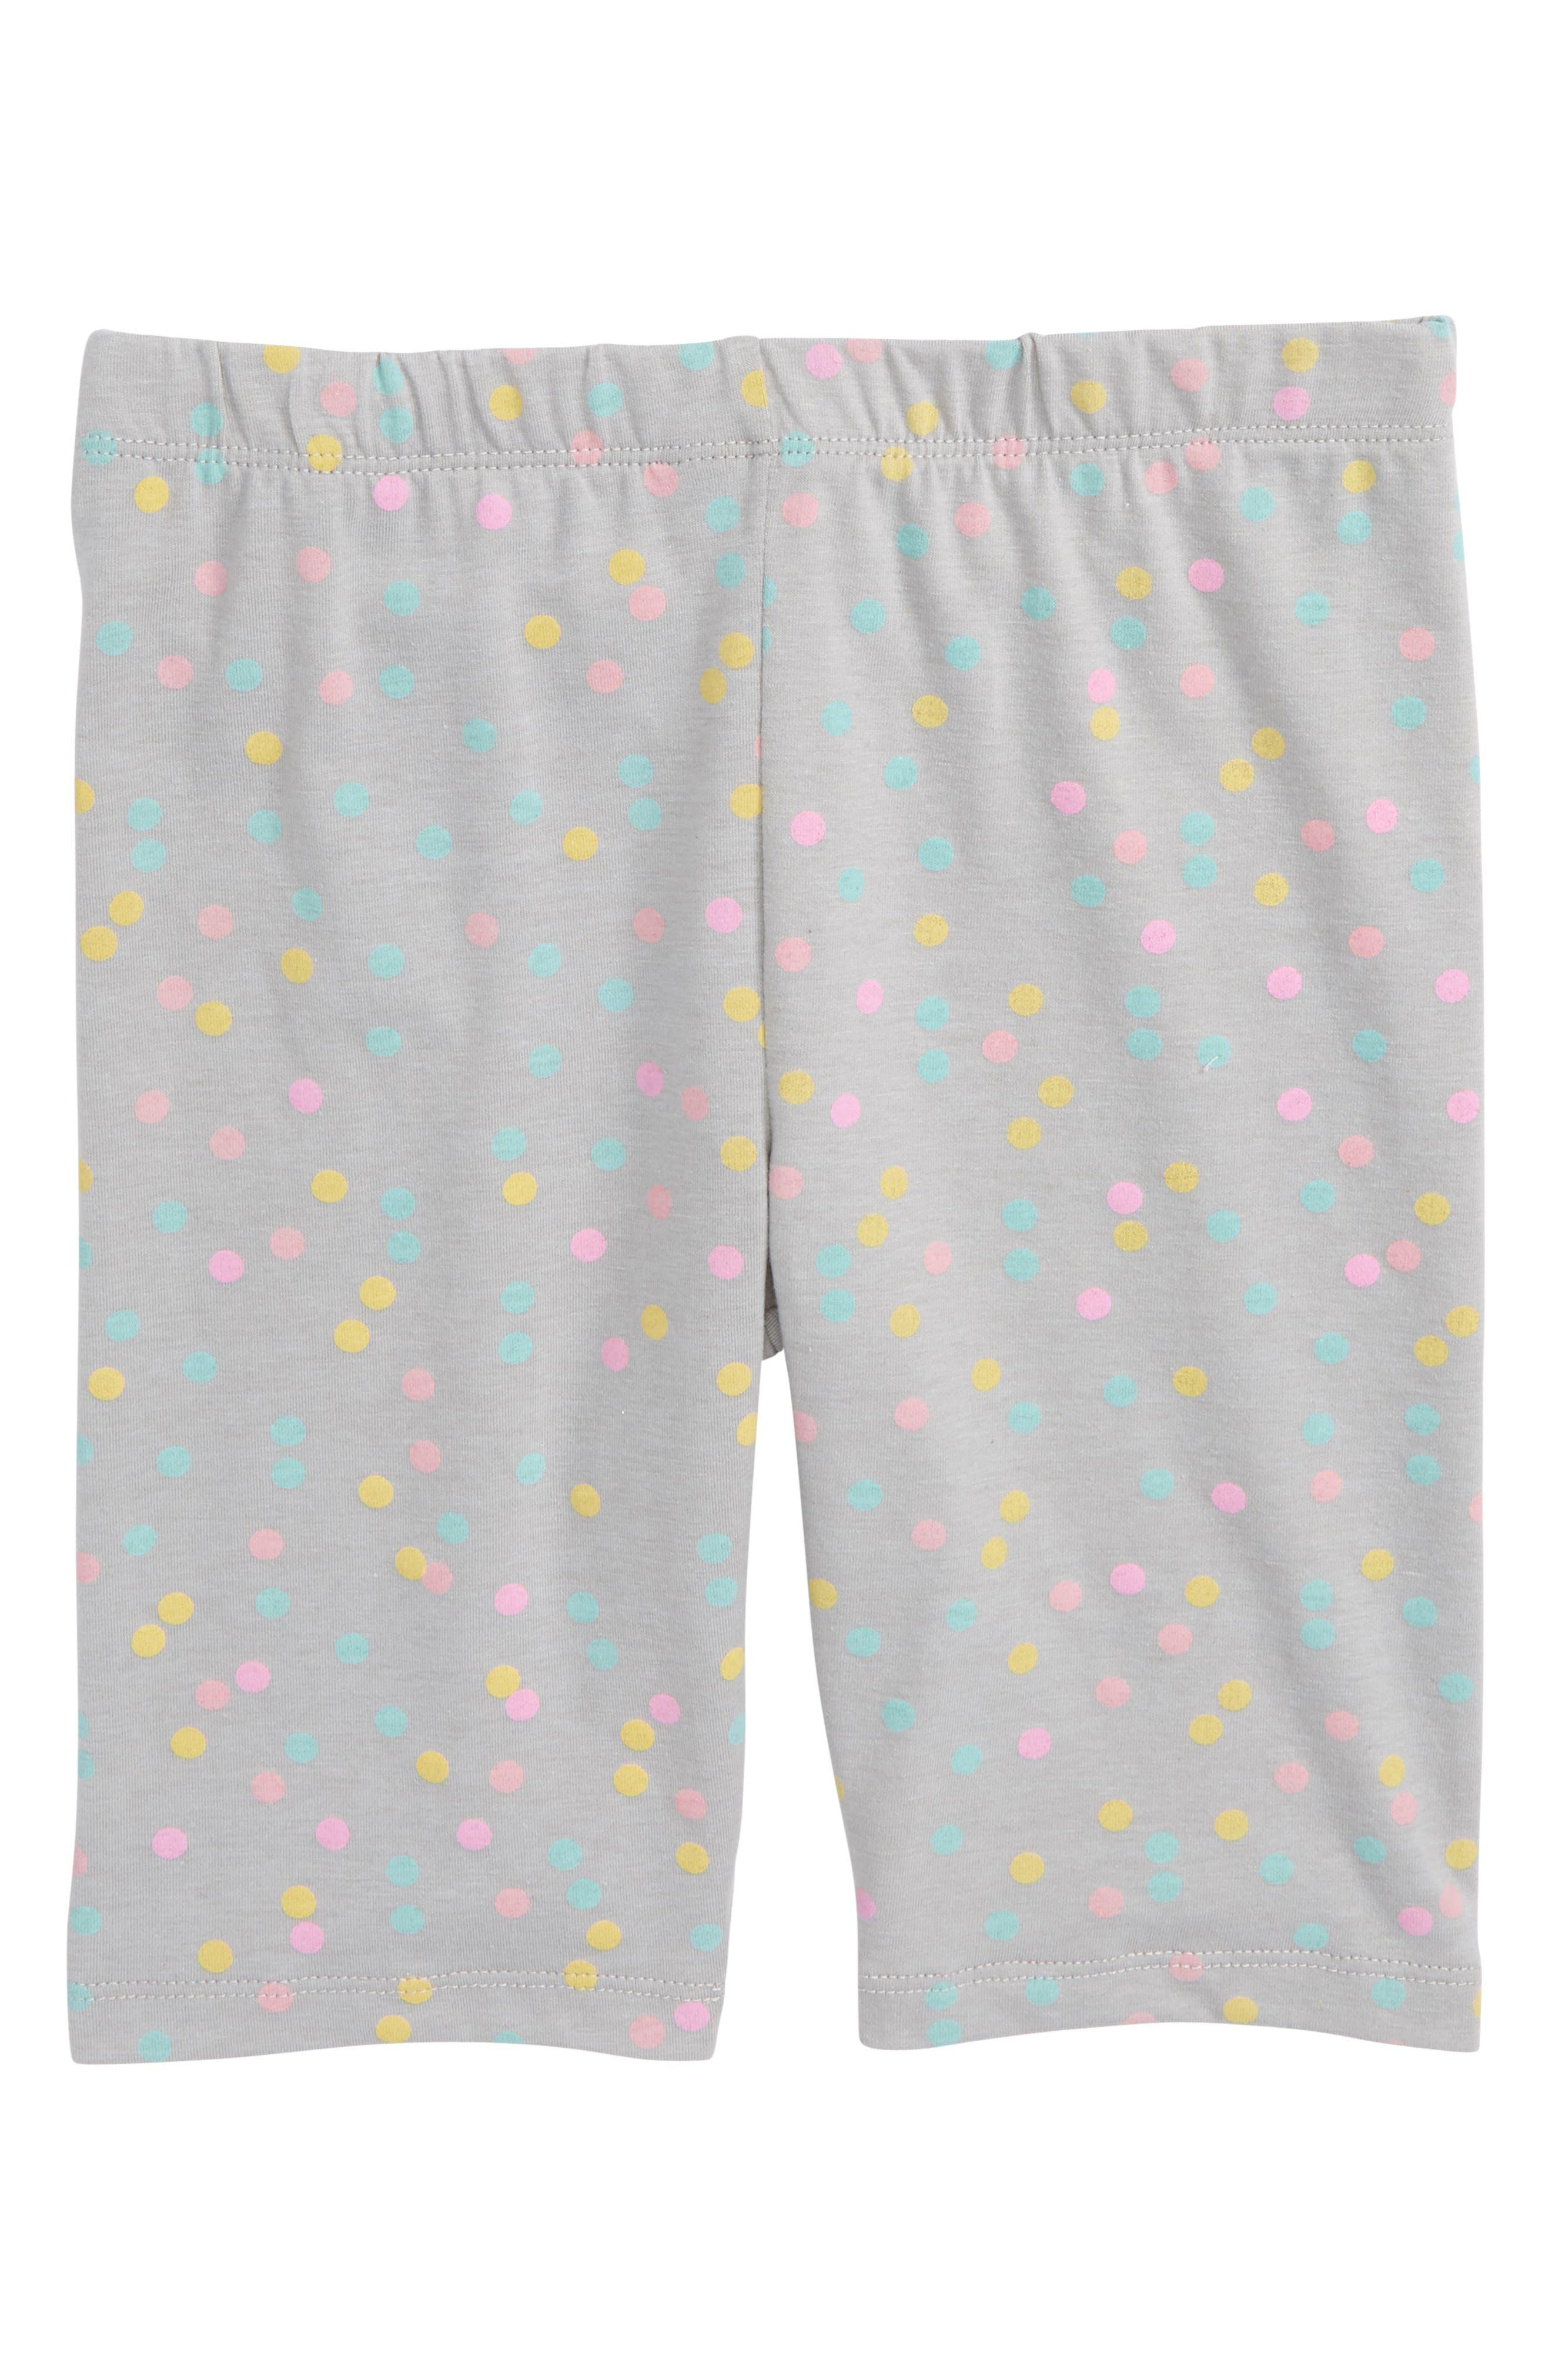 TRULY ME Polka Dot Biker Shorts, Main, color, 024